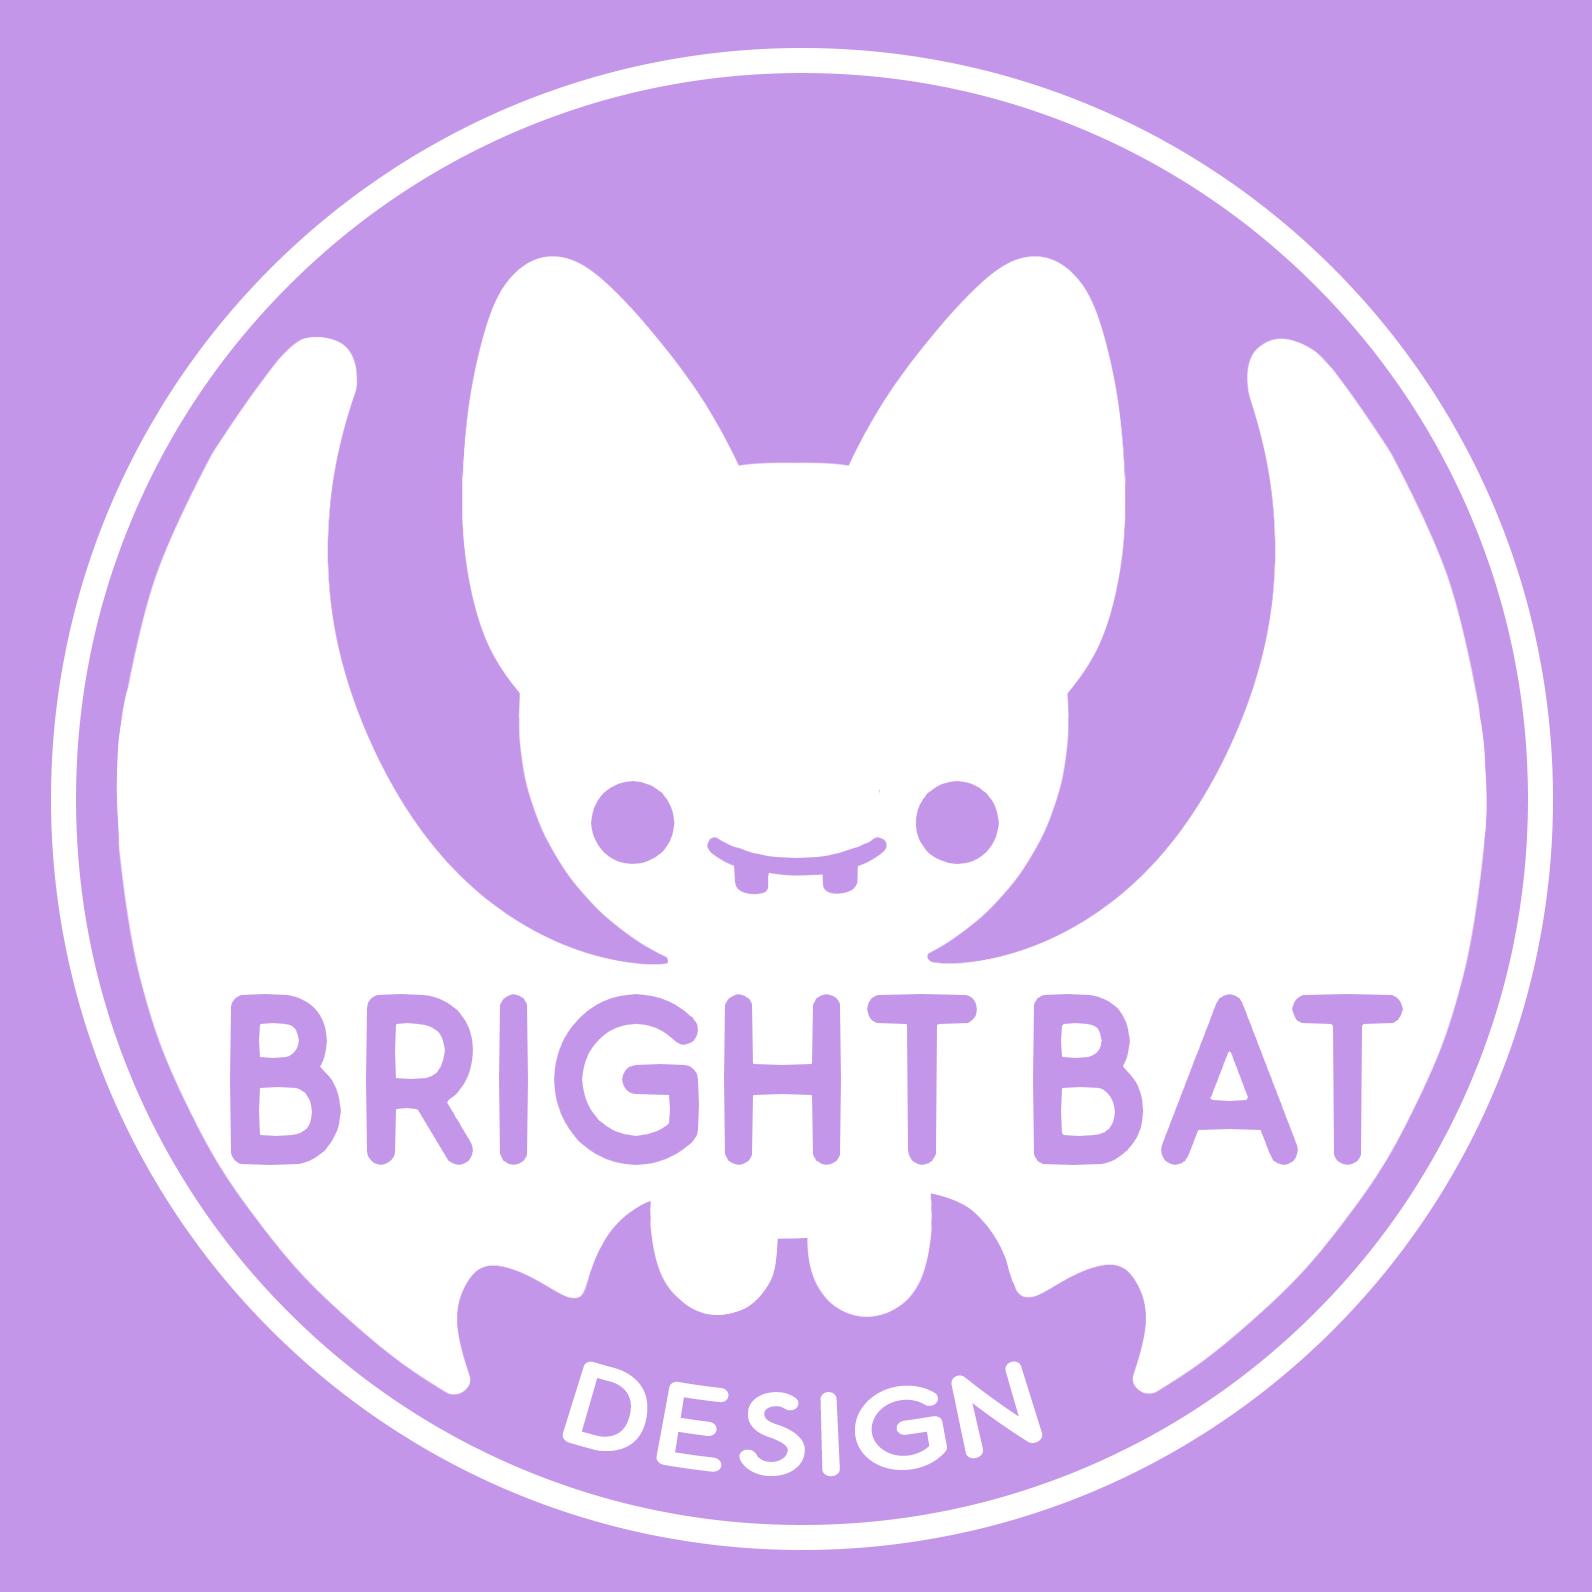 Teen Kawaii Sticker Workshop with Bright Bat Designs